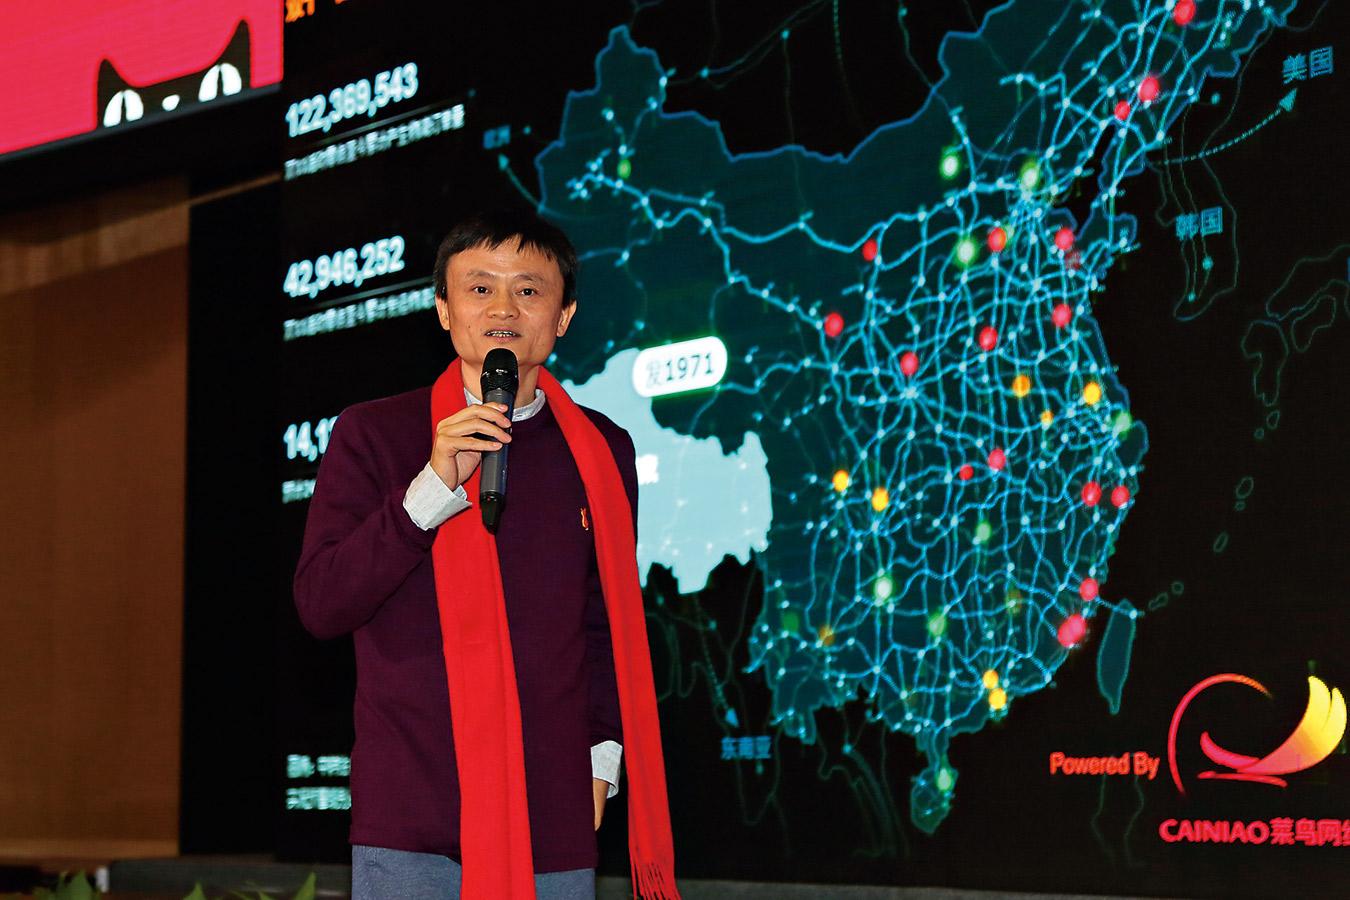 光棍節網購創下單日成交金額350億元人民幣的驚人紀錄,馬雲一手建起的電子商務城牆,已經高 到讓競爭對手難以追趕。